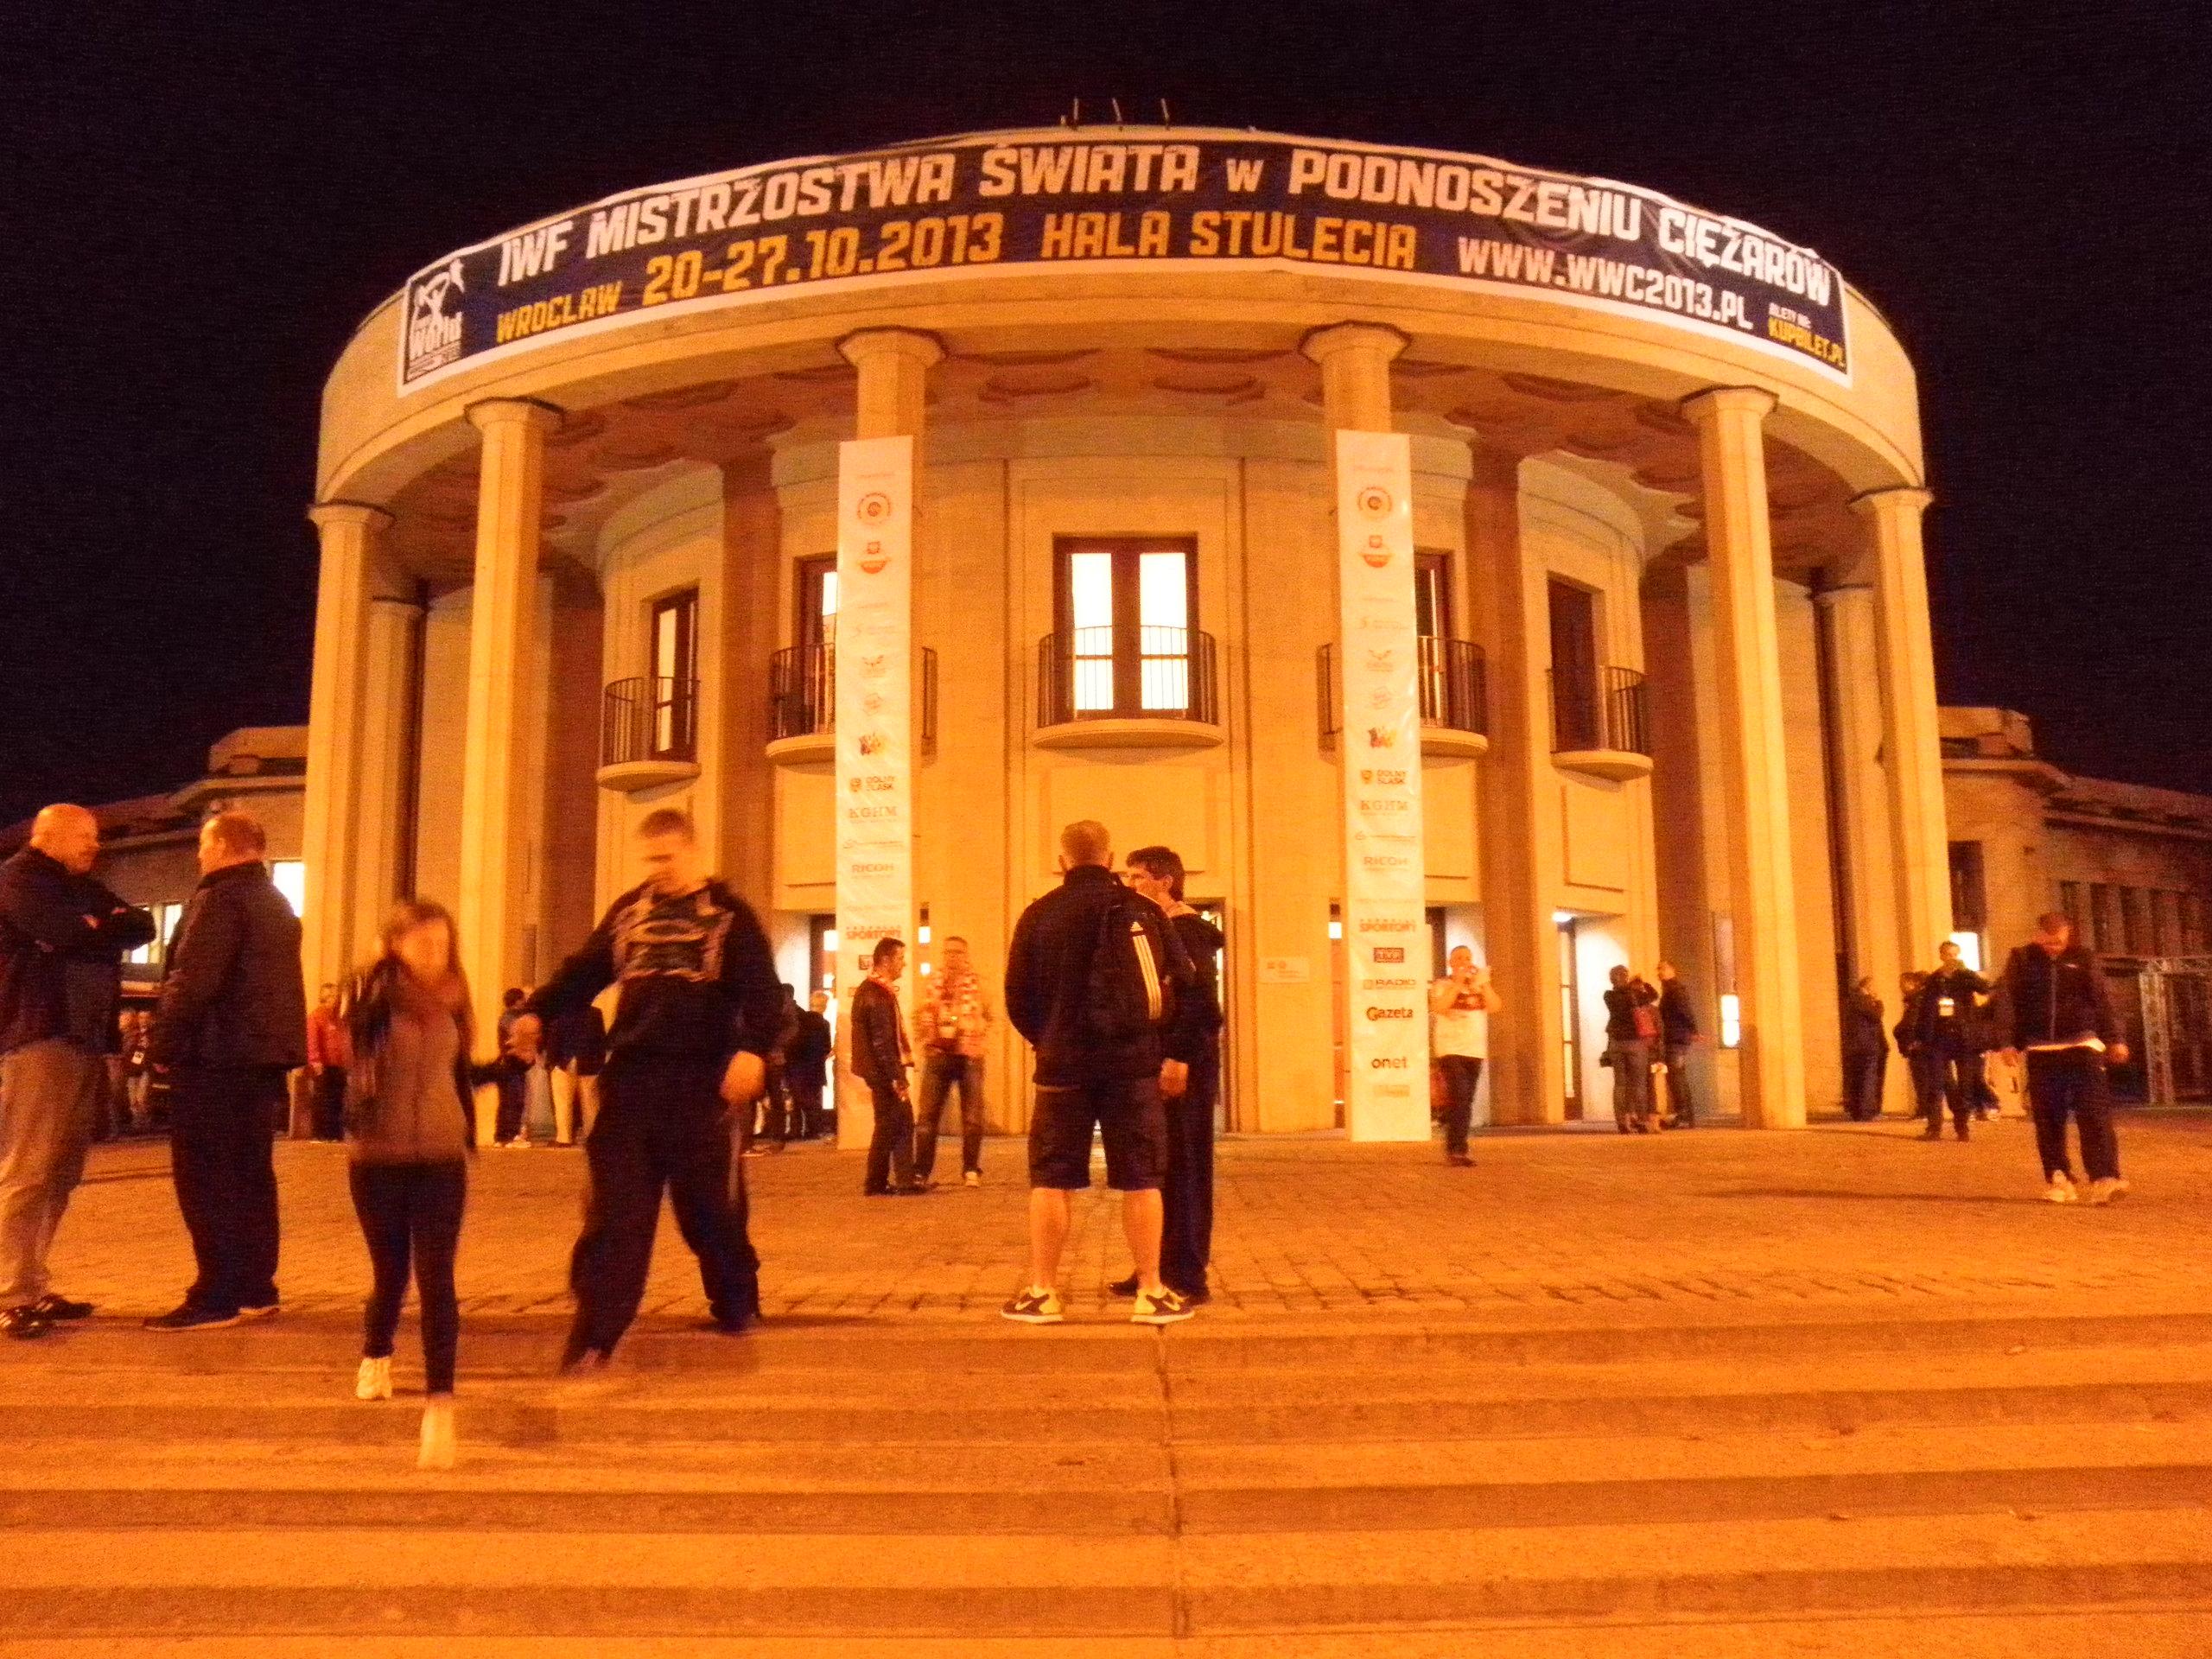 Polsko - Vratislav (Wroclaw) - Hala století, 1911-13, architekt Max Berg, od 2006 památka UNESCO, nejstarší modernistická železobetonová stavba světa